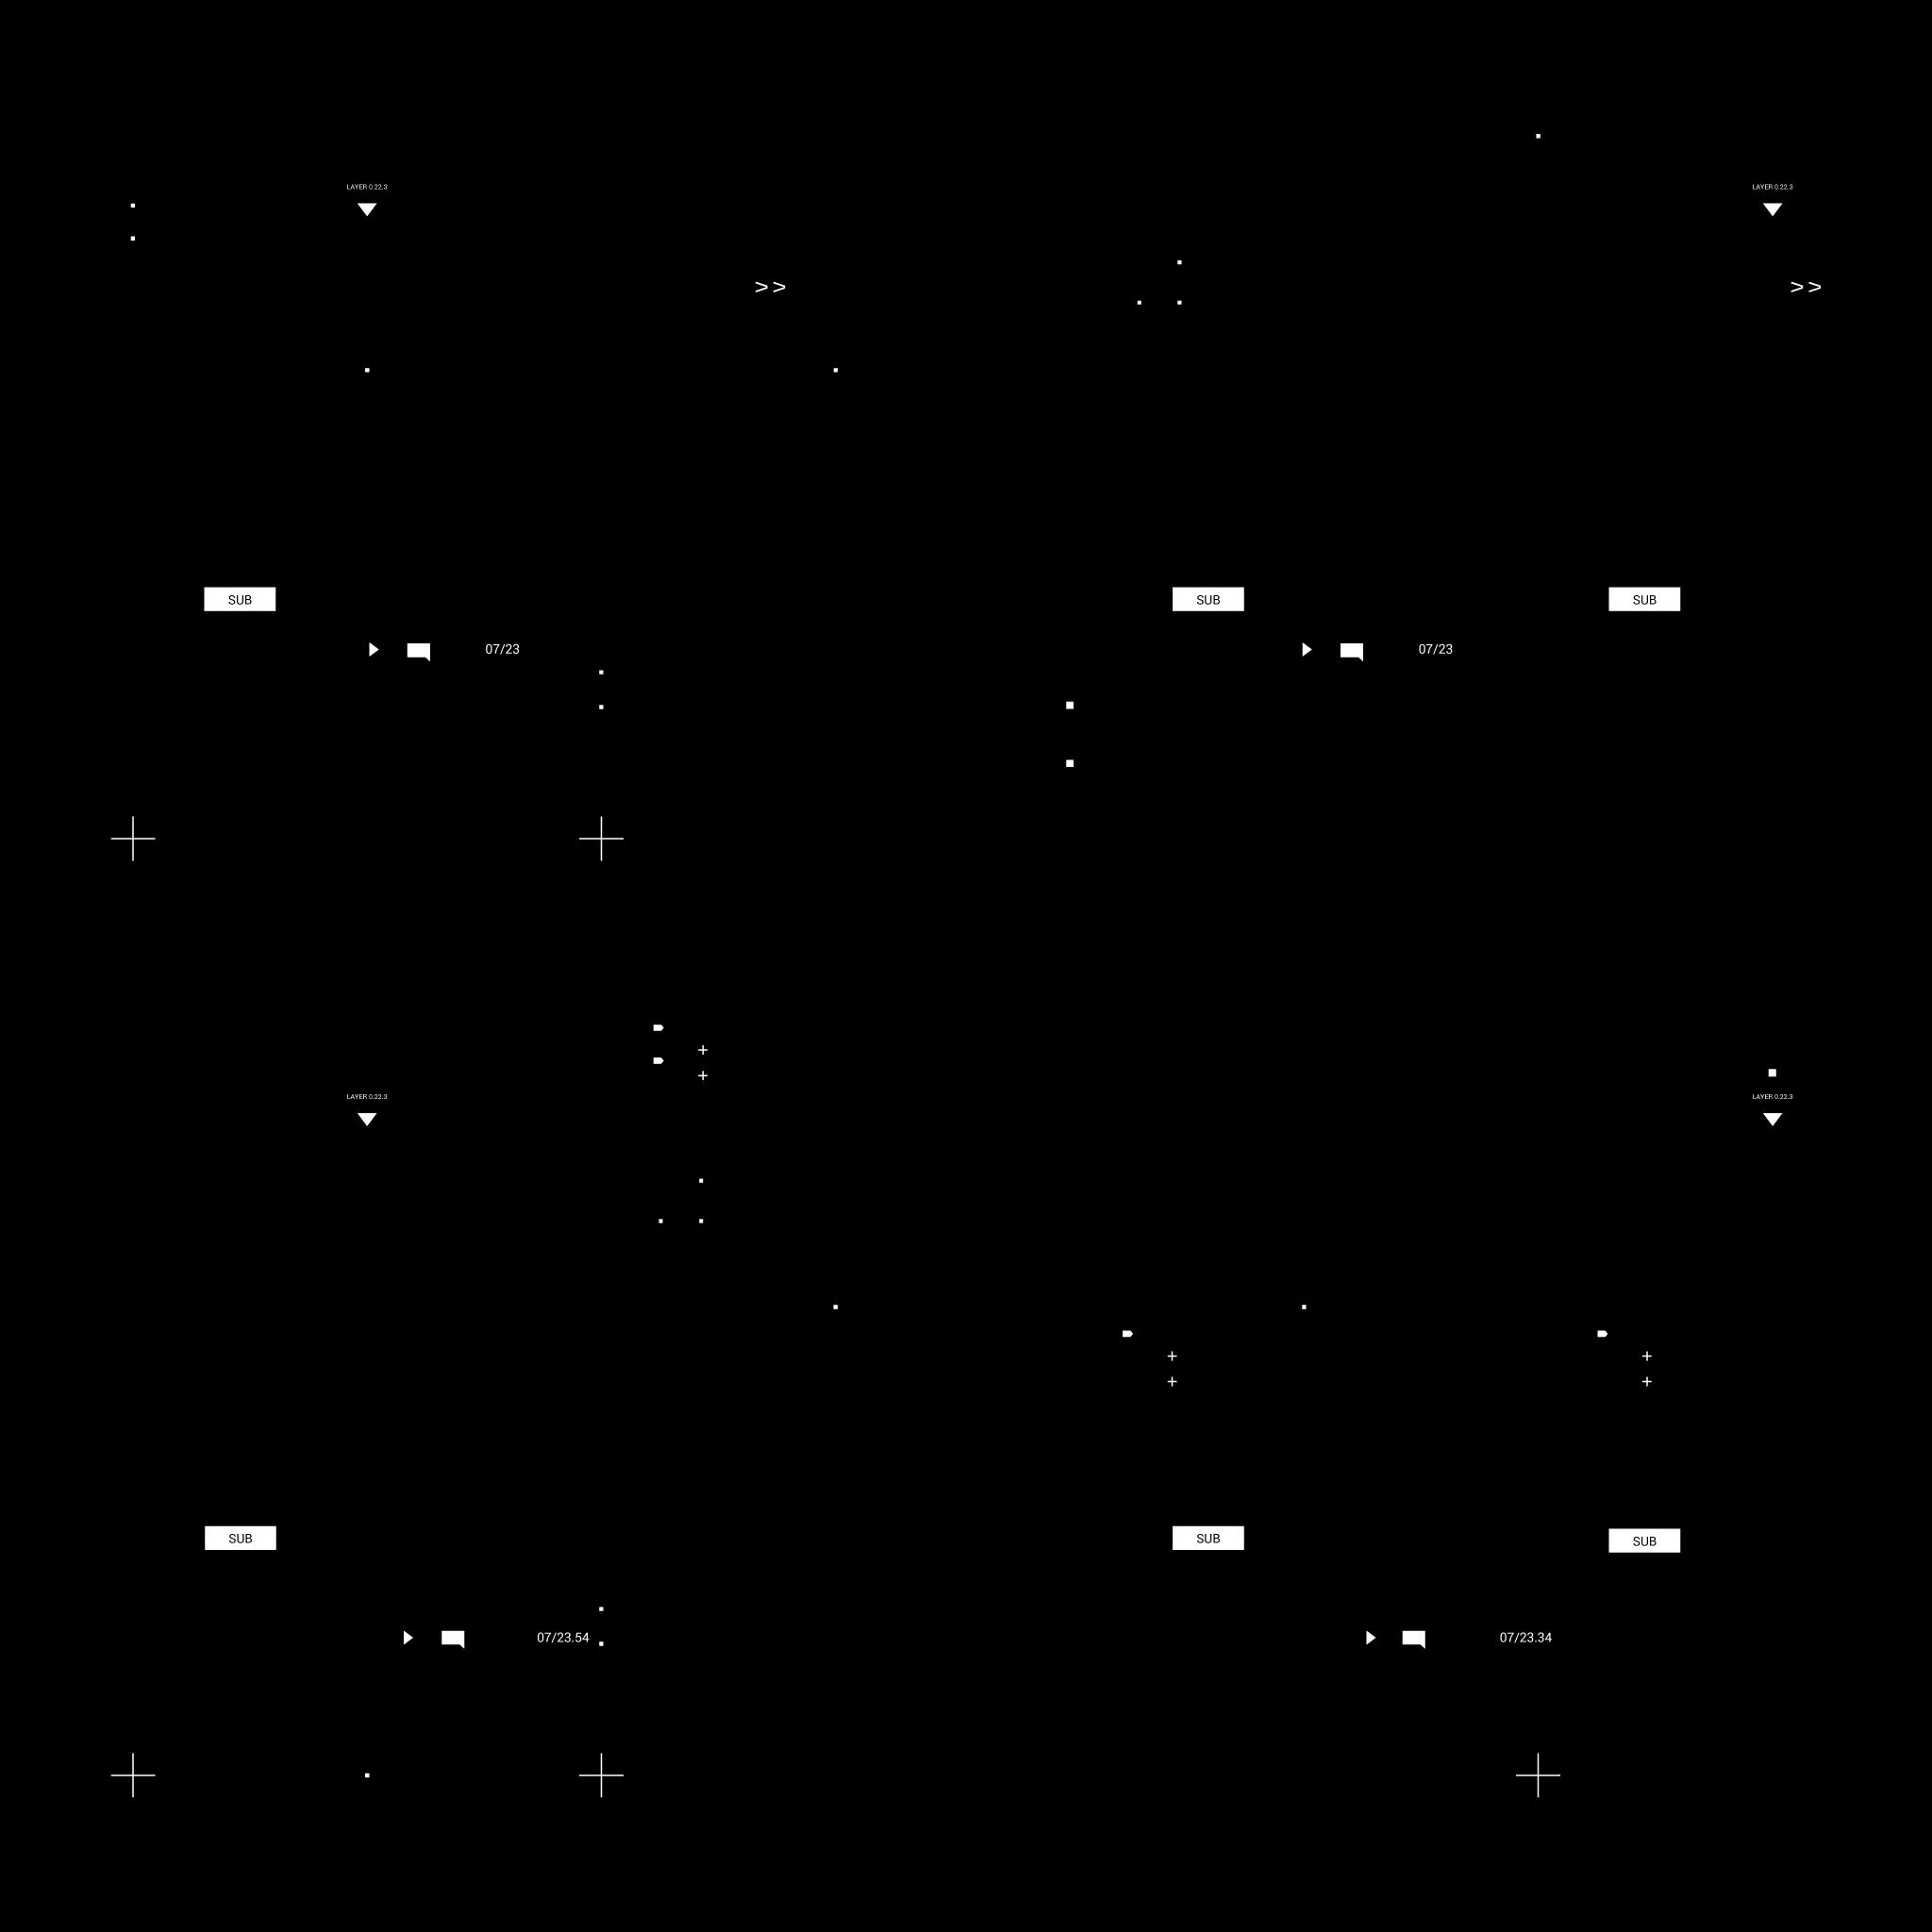 2_1509057441396_Grid-blockBDARK.png